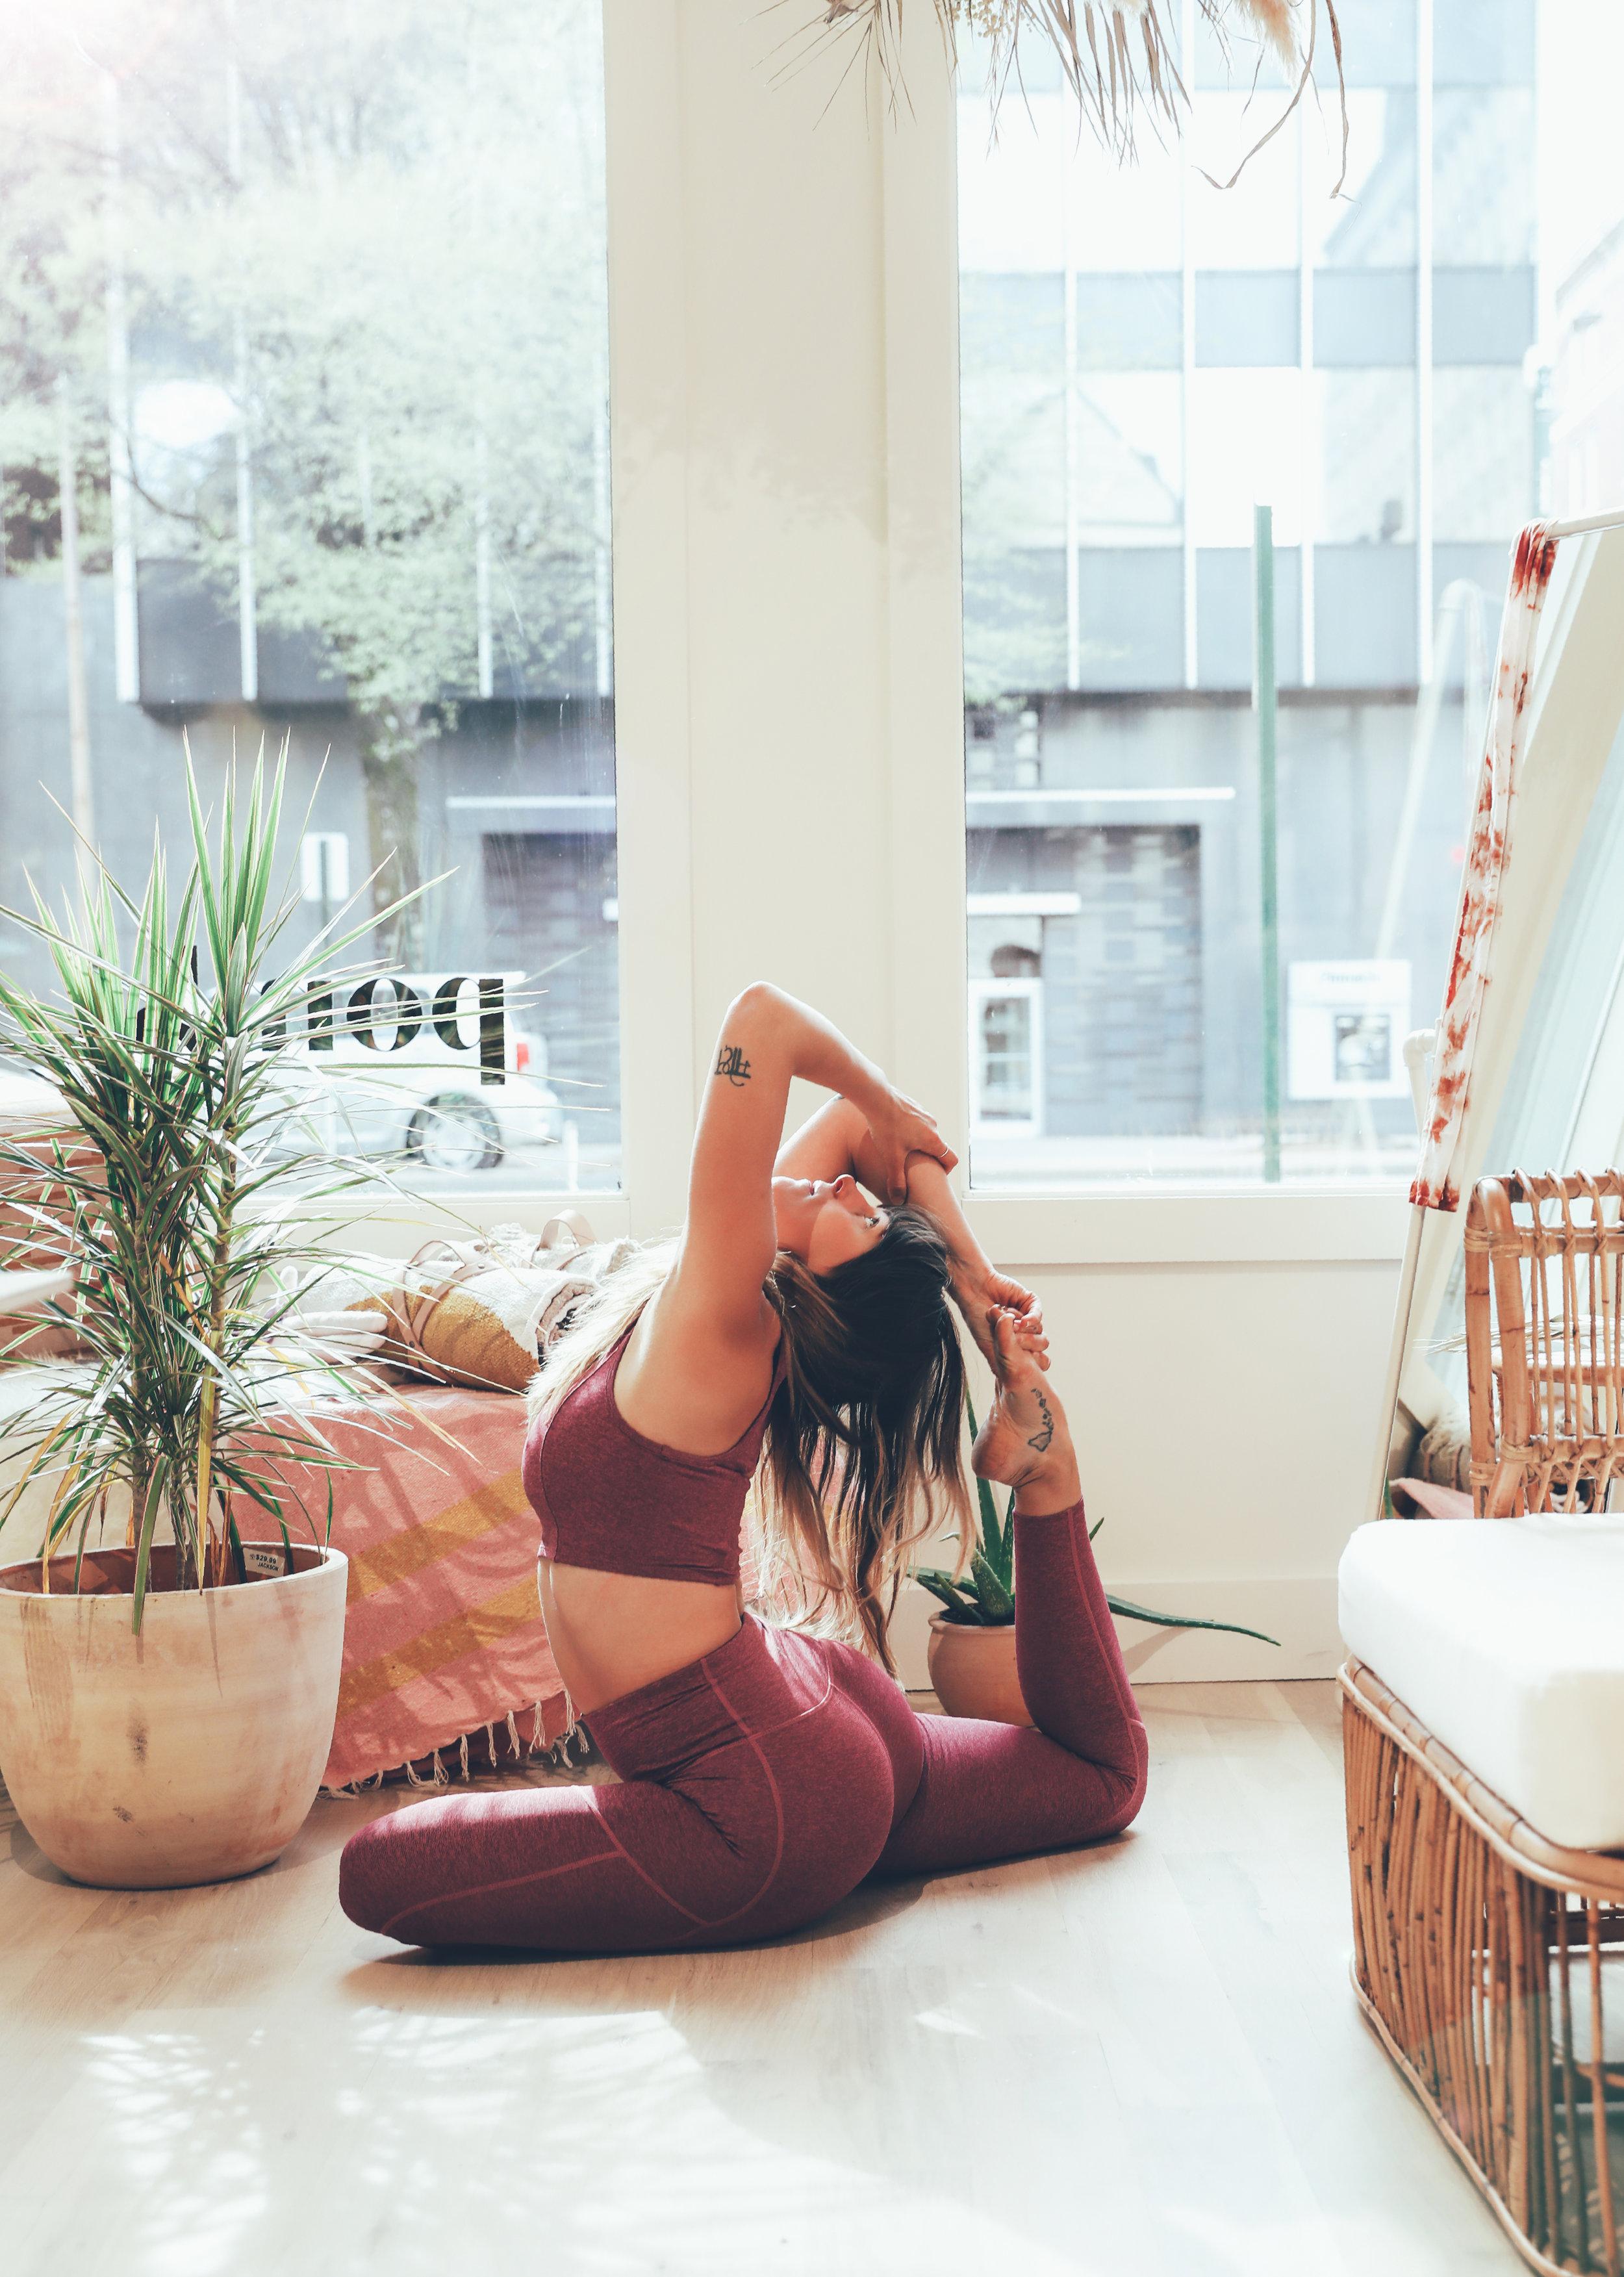 Margie_yoga_POMKT_003.jpg